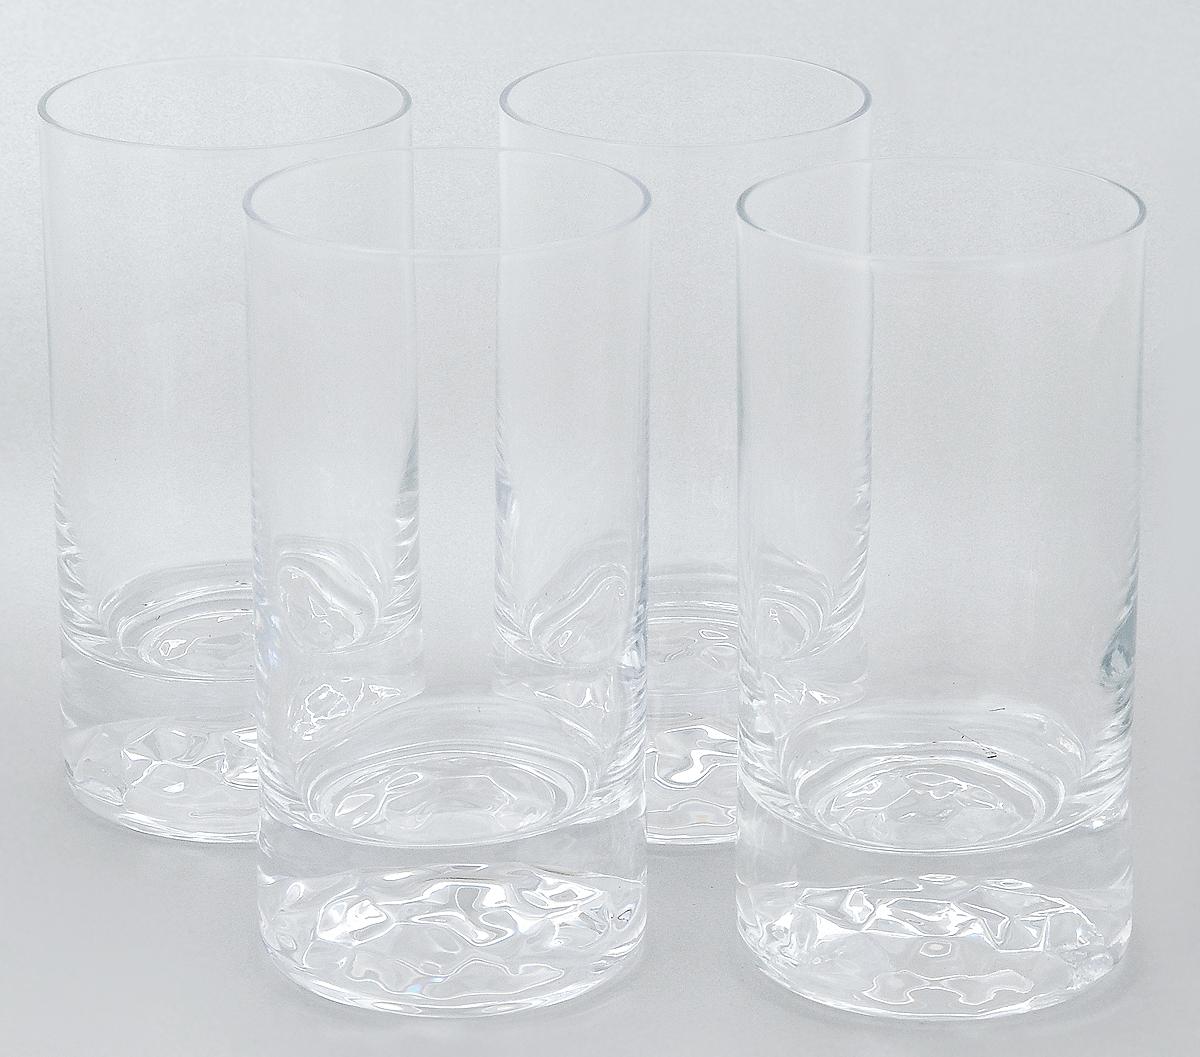 Набор стаканов Pasabahce Club, 280 мл, 4 шт64040NНабор Pasabahce Club состоит из 4 стаканов, выполненных из прочного натрий-кальций-силикатного стекла. Изделия предназначены для подачи воды и других безалкогольных напитков. Они отличаются особой прочностью, излучают приятный блеск и издают мелодичный хрустальный звон. Стаканы станут идеальным украшением праздничного стола и отличным подарком к любому празднику. Можно мыть в посудомоечной машине и использовать в микроволновой печи. Диаметр стакана (по верхнему краю): 6,5 см. Высота: 13 см.